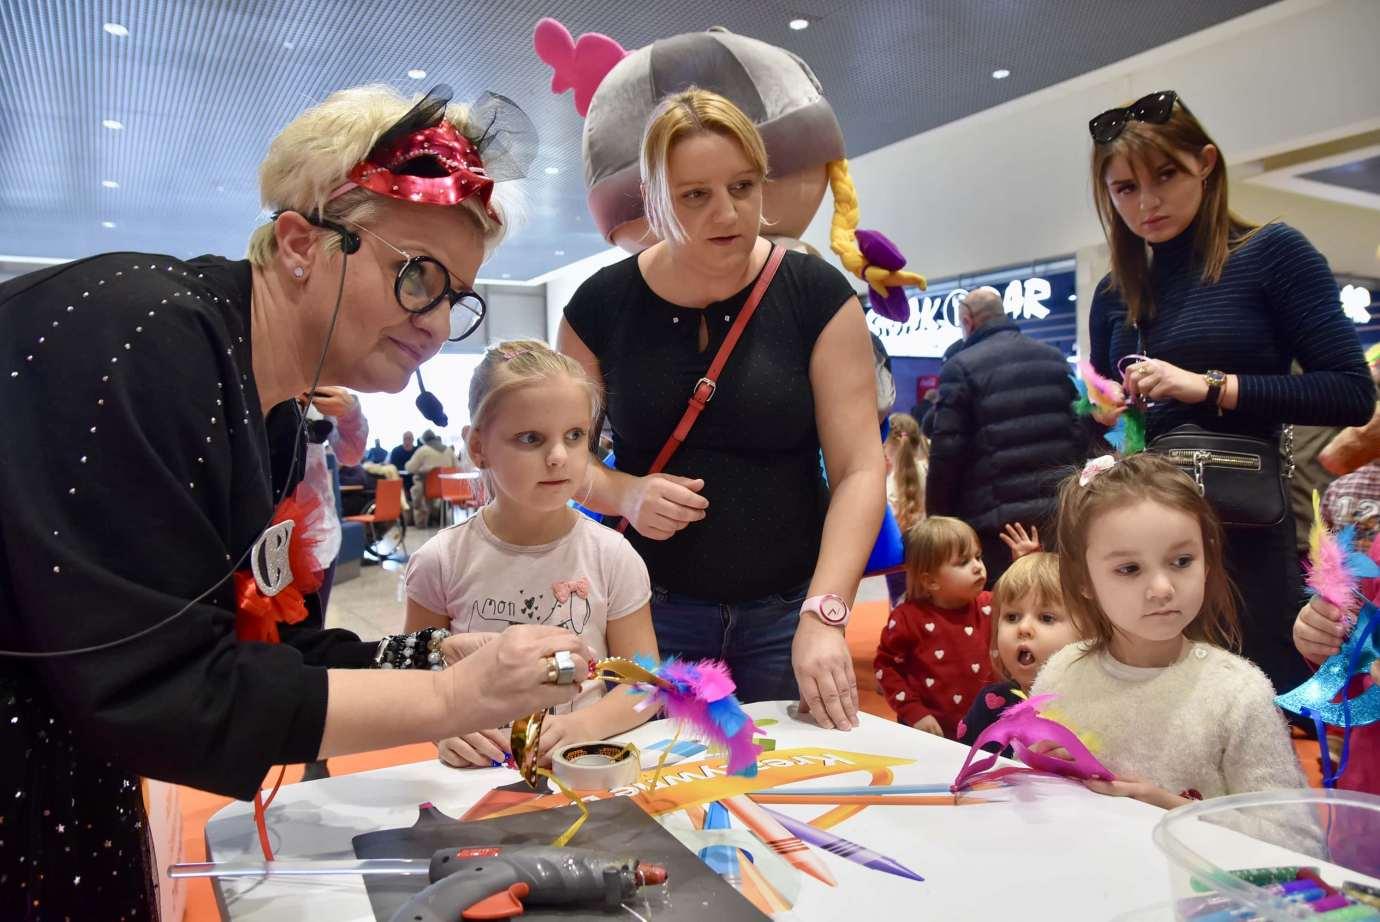 dsc 3944 Zabawa kreatywnych dzieciaków w Galerii Handlowej Twierdza (filmy i zdjęcia)